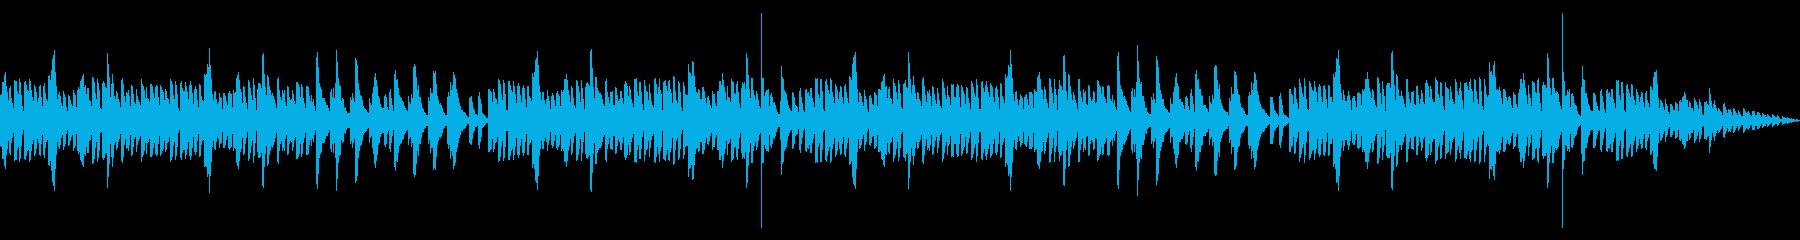 【癒し】回想シーンに使えるオルゴールの再生済みの波形